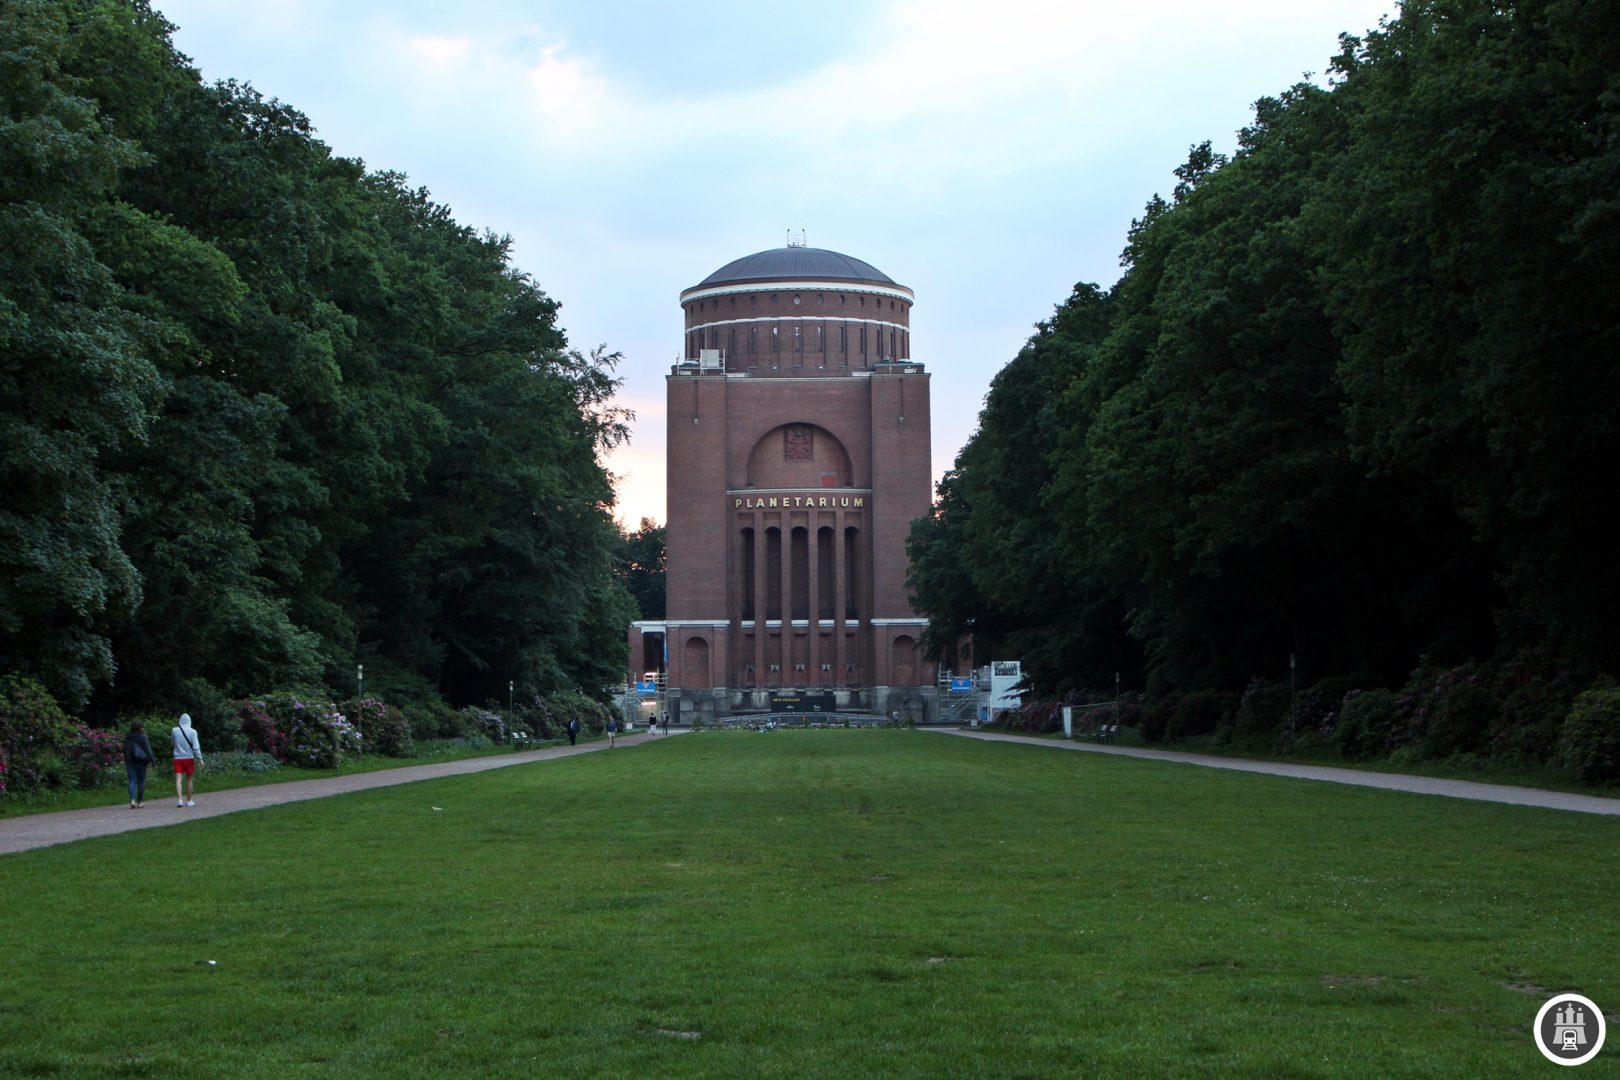 Das Planetarium im Hamburger Stadtpark wurde am 30. April 1930 in einem ehemaligen Wasserturm, der von Hans Loop, einem Architekten, der auch viele U-Bahnhaltestellen gestaltete, umgeplant wurde, eröffnet. 2002 wurde das Planetarium umfassend umgebaut und neue Ausstellungsflächen geschaffen. Derzeit ist das Planetarium geschlossen, weil es wieder umgebaut wird.